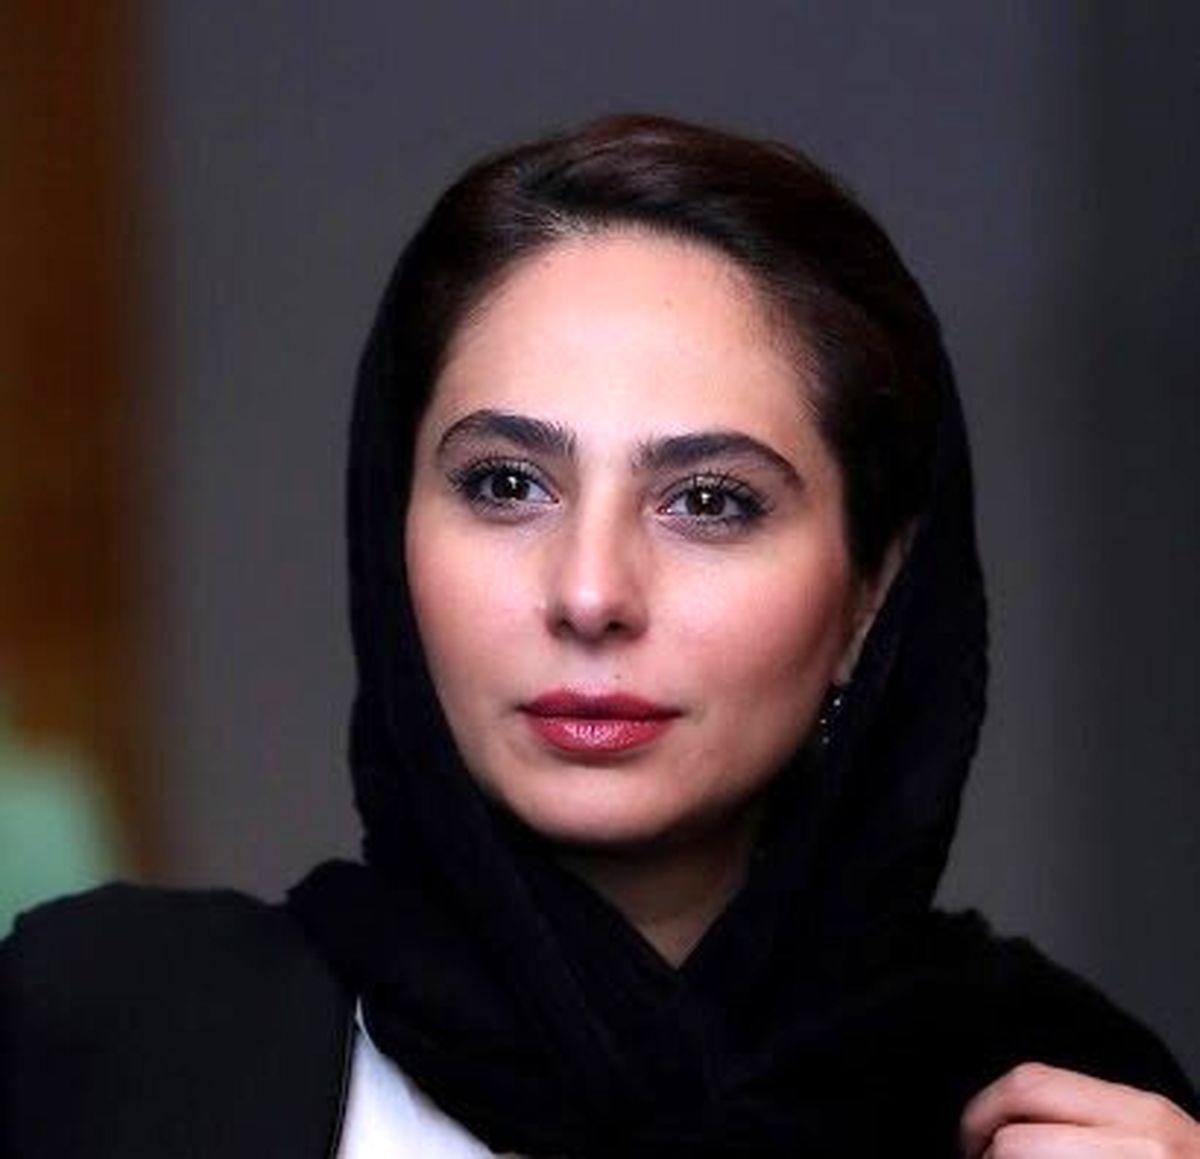 بیوگرافی رعنا ازادی ور و همسرش+ عکس دونفره